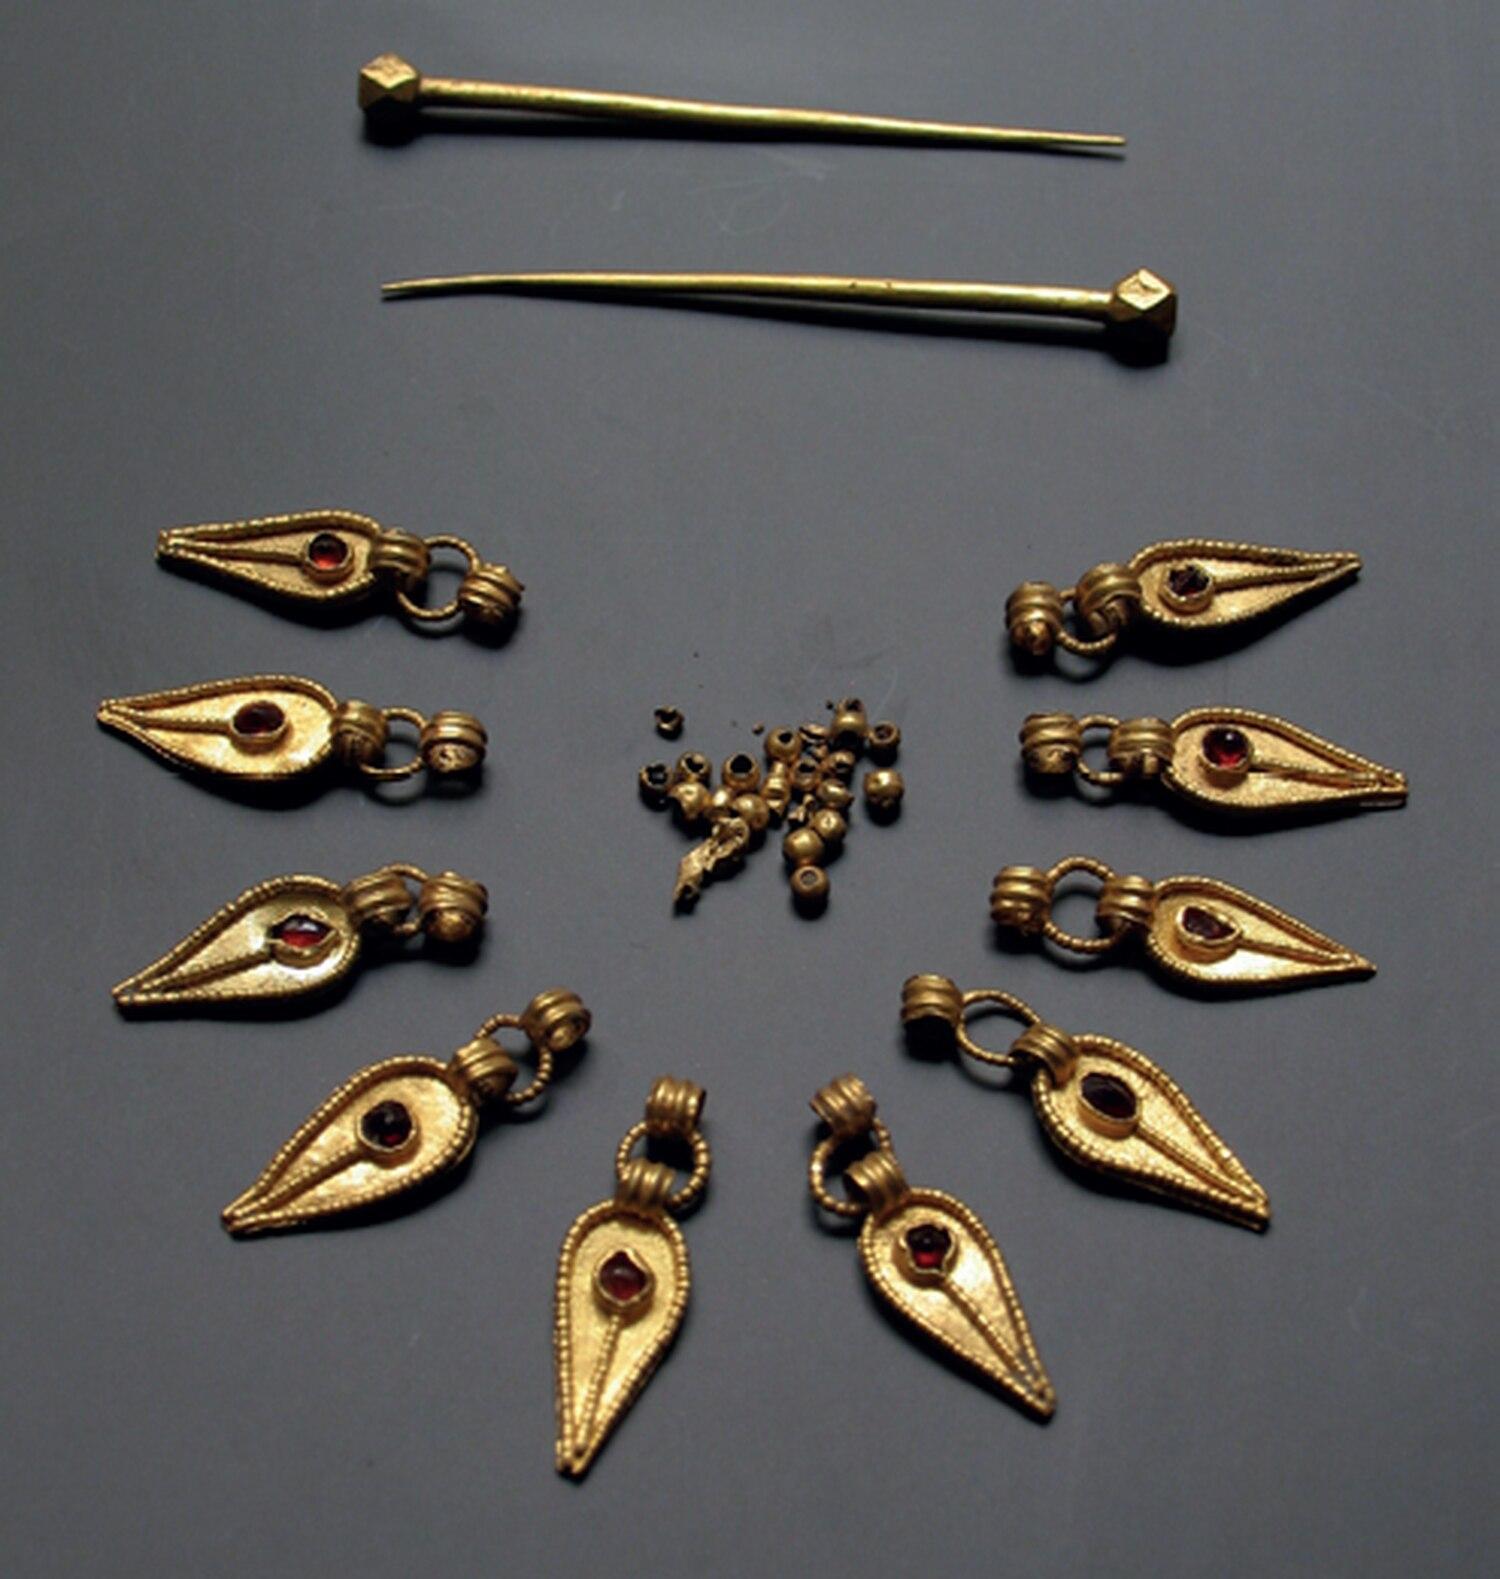 Piezas de uno de los collares y alfileres de oro que llevaba una joven sueva hallada en Mérida.